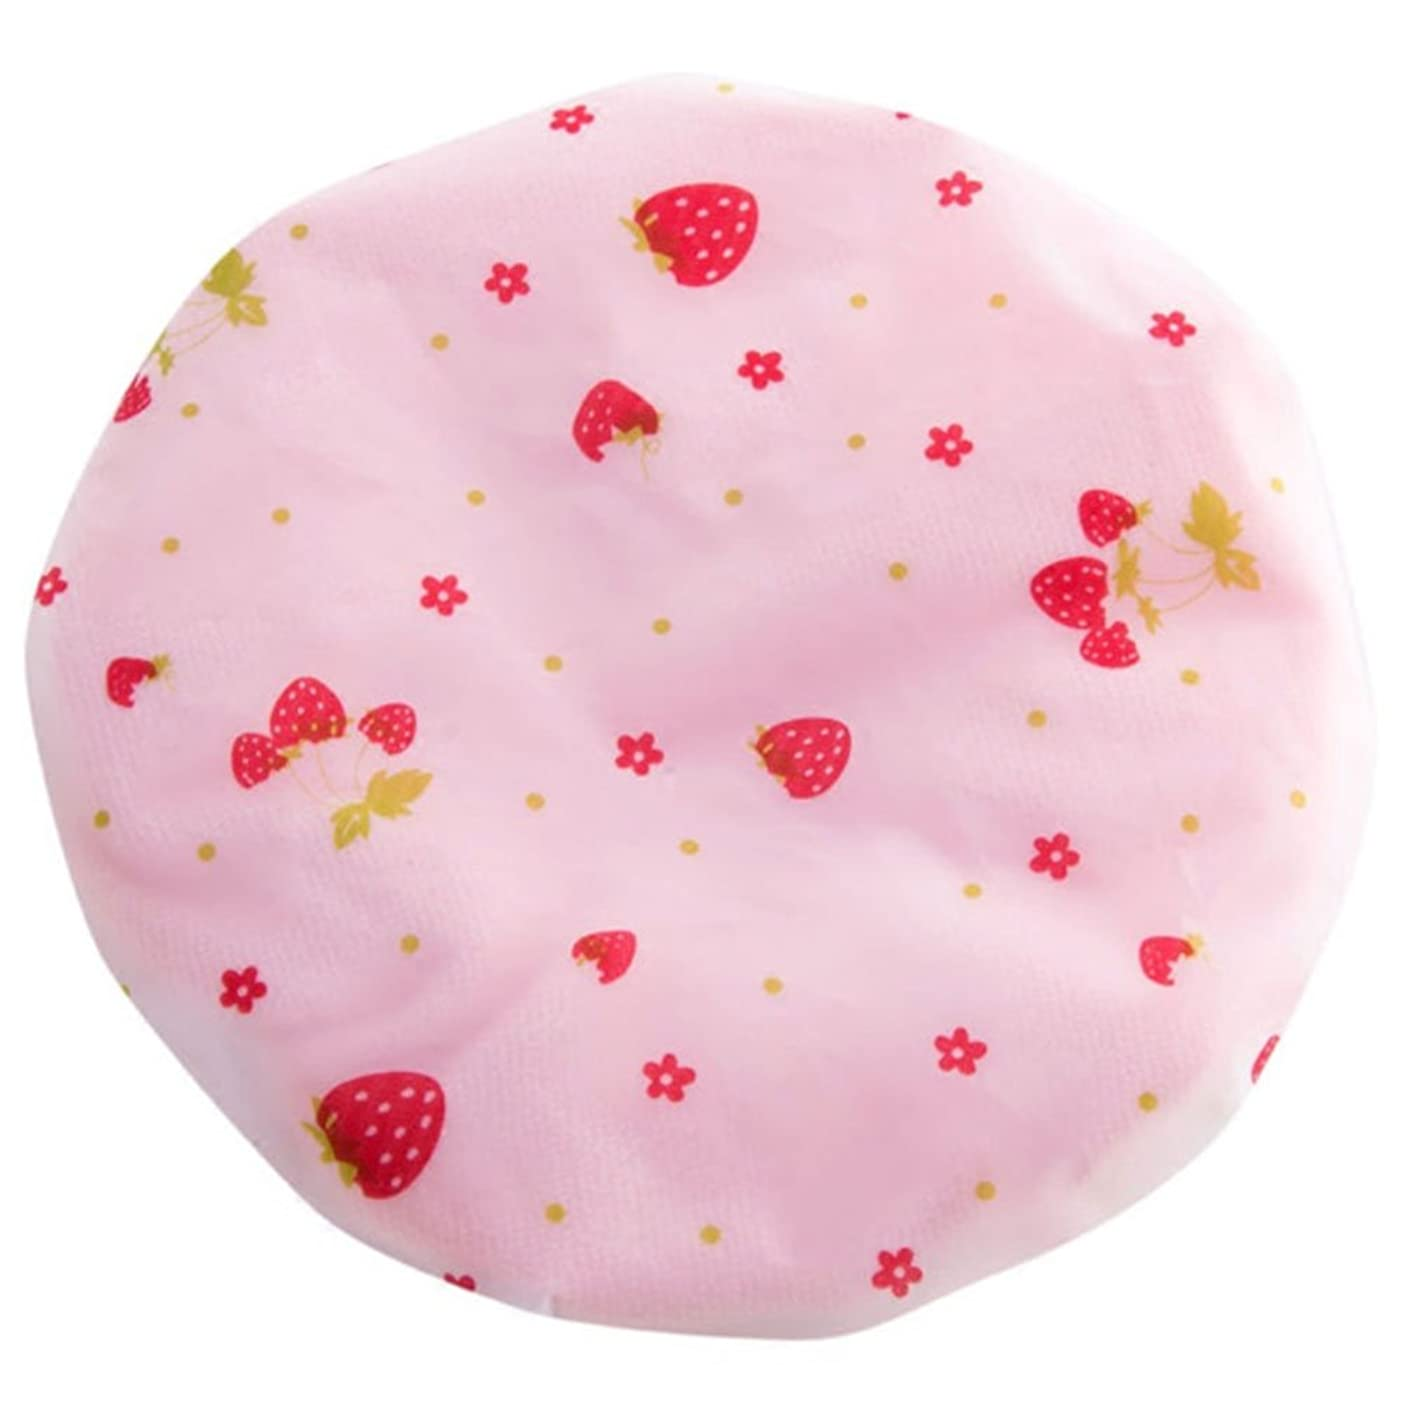 委任する本スリット山の奥 シャワーキャップ 可愛い ヘアーキャップ 防水帽 入浴キャップ 帽子 お風呂 シャワー用に 浴用帽子 便利 再使用可能なサロンの髪を保護する帽